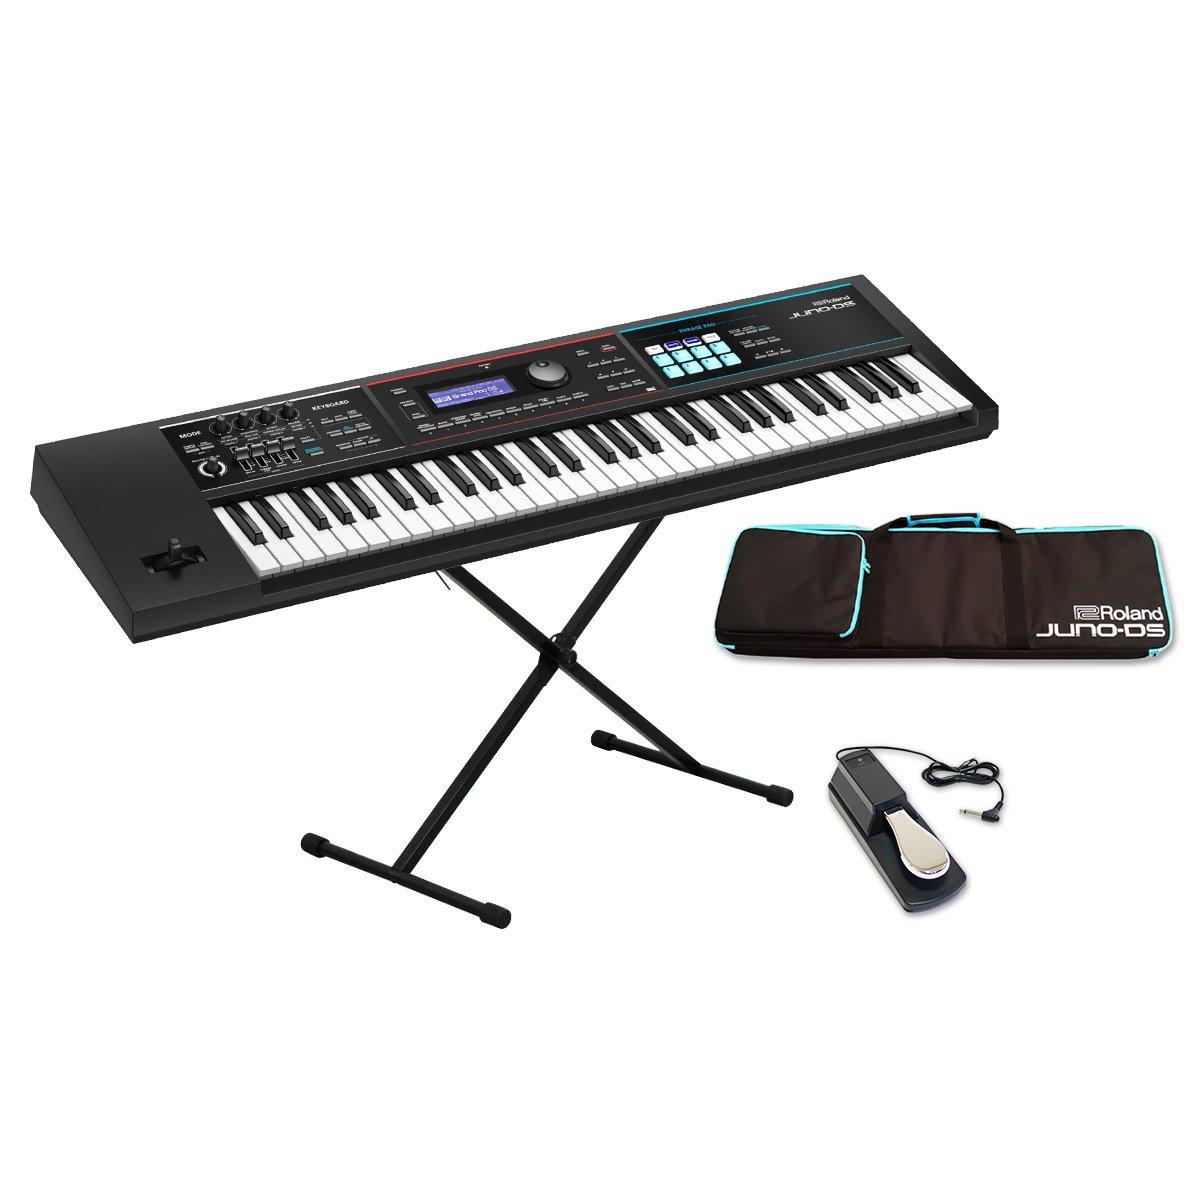 Roland JUNO-DS61 (ブラック) シンセサイザー 61鍵盤 シンプル4点セット 【ケース/スタンド/ペダル付き】 ローランド   B07CTHZLX3